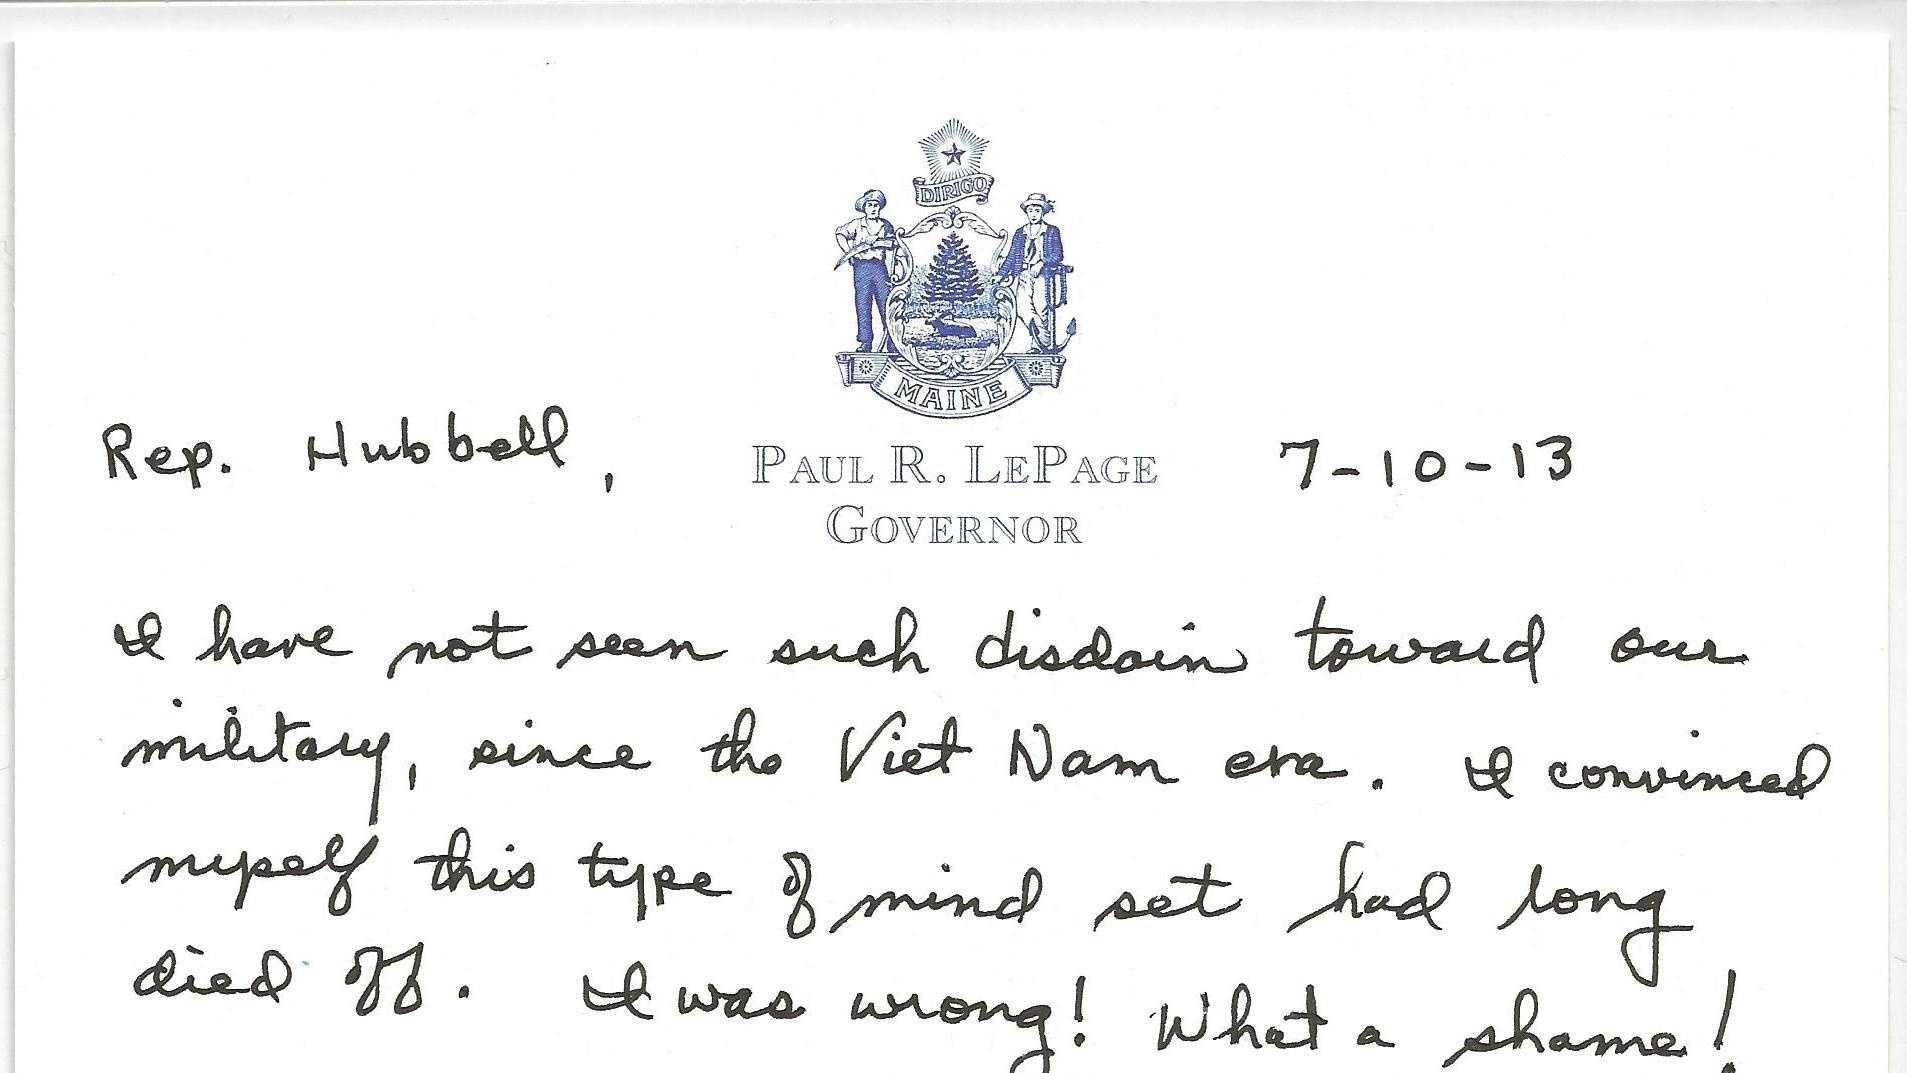 Letter from Gov. LePage